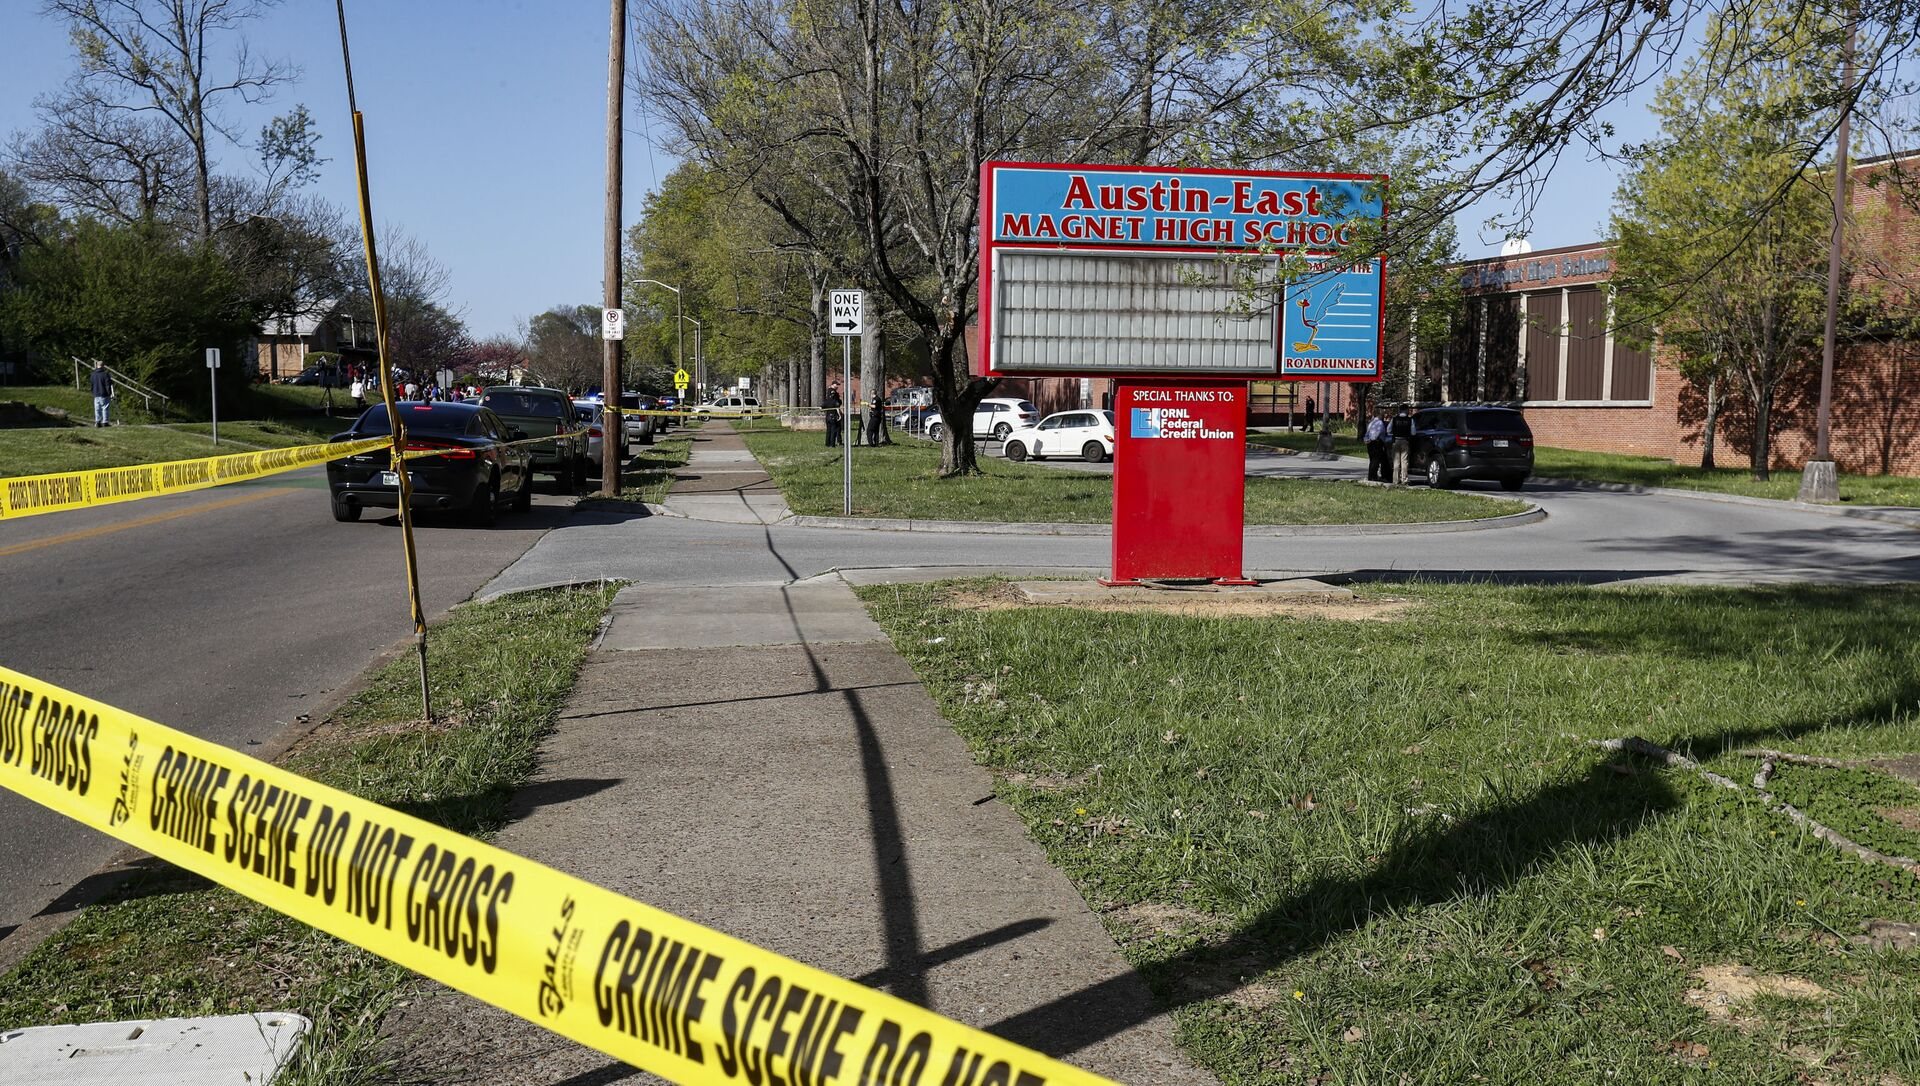 La polizia di Knoxville lavora sul luogo di una sparatoria alla Austin-East Magnet High School, lunedì 12 aprile 2021 a Knoxville, Tennessee. - Sputnik Italia, 1920, 13.04.2021